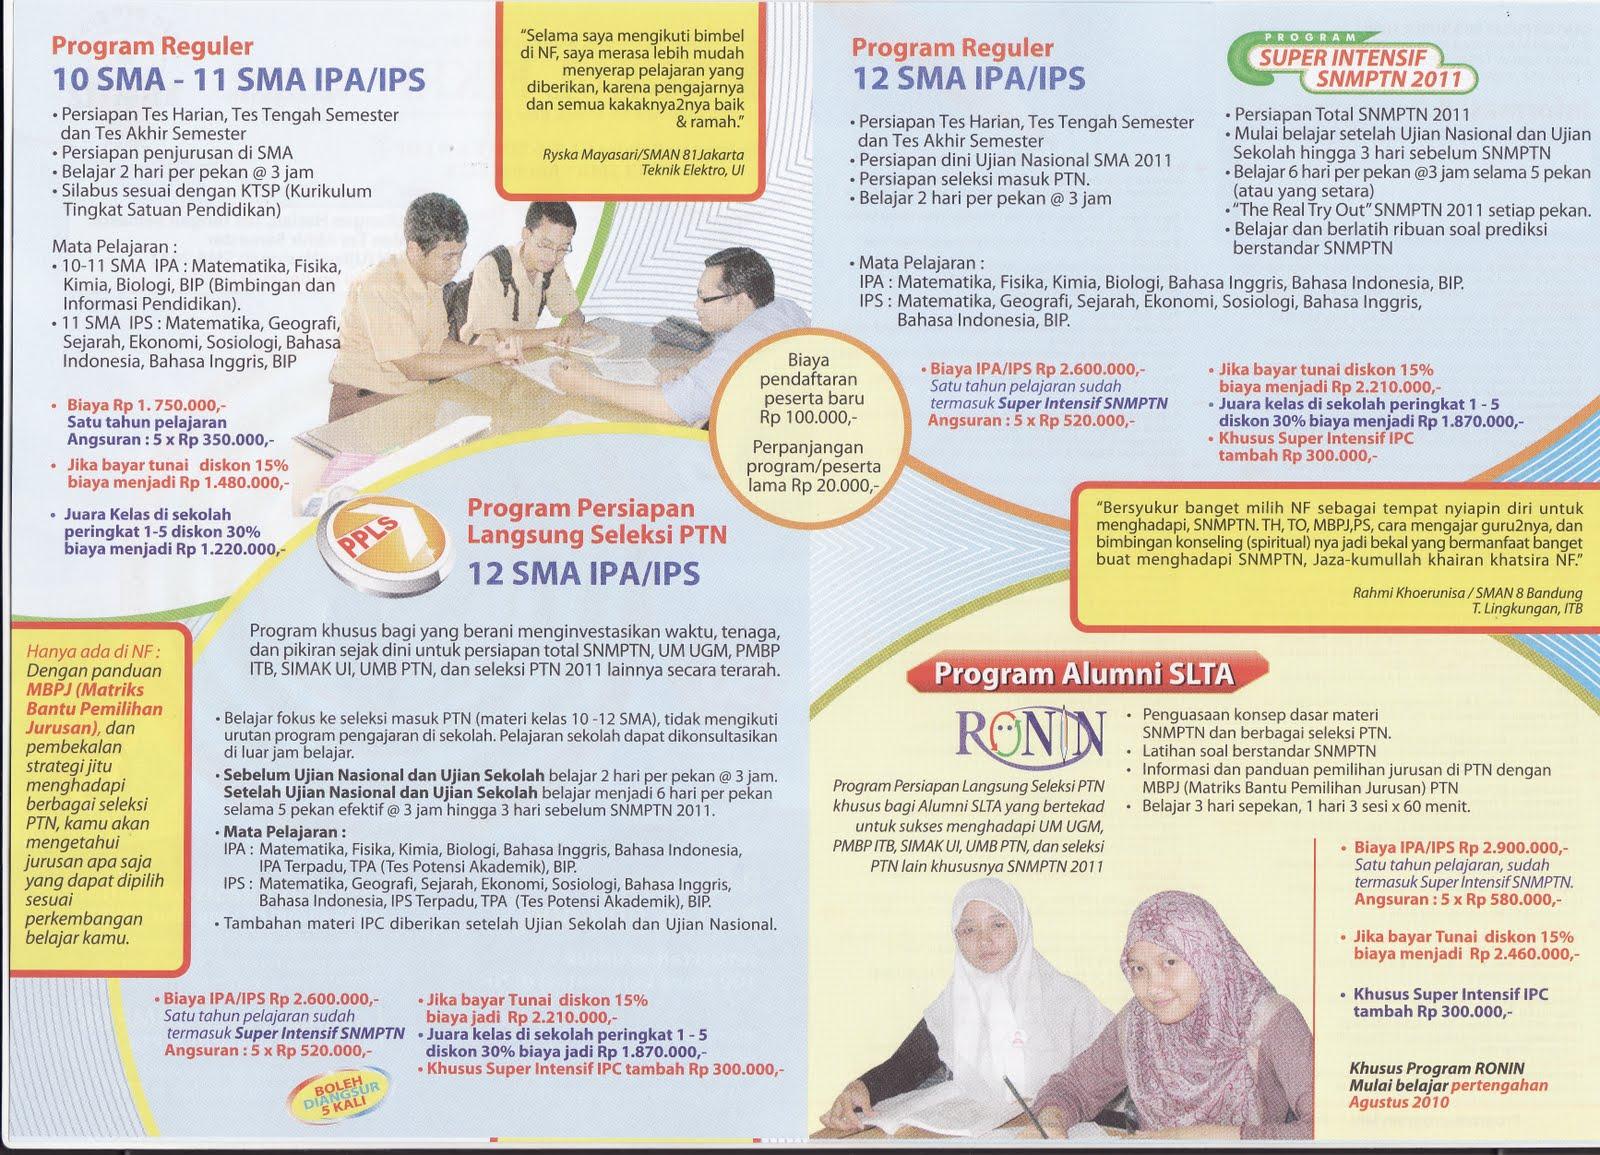 contoh-contoh smp brosur sekolah menarik